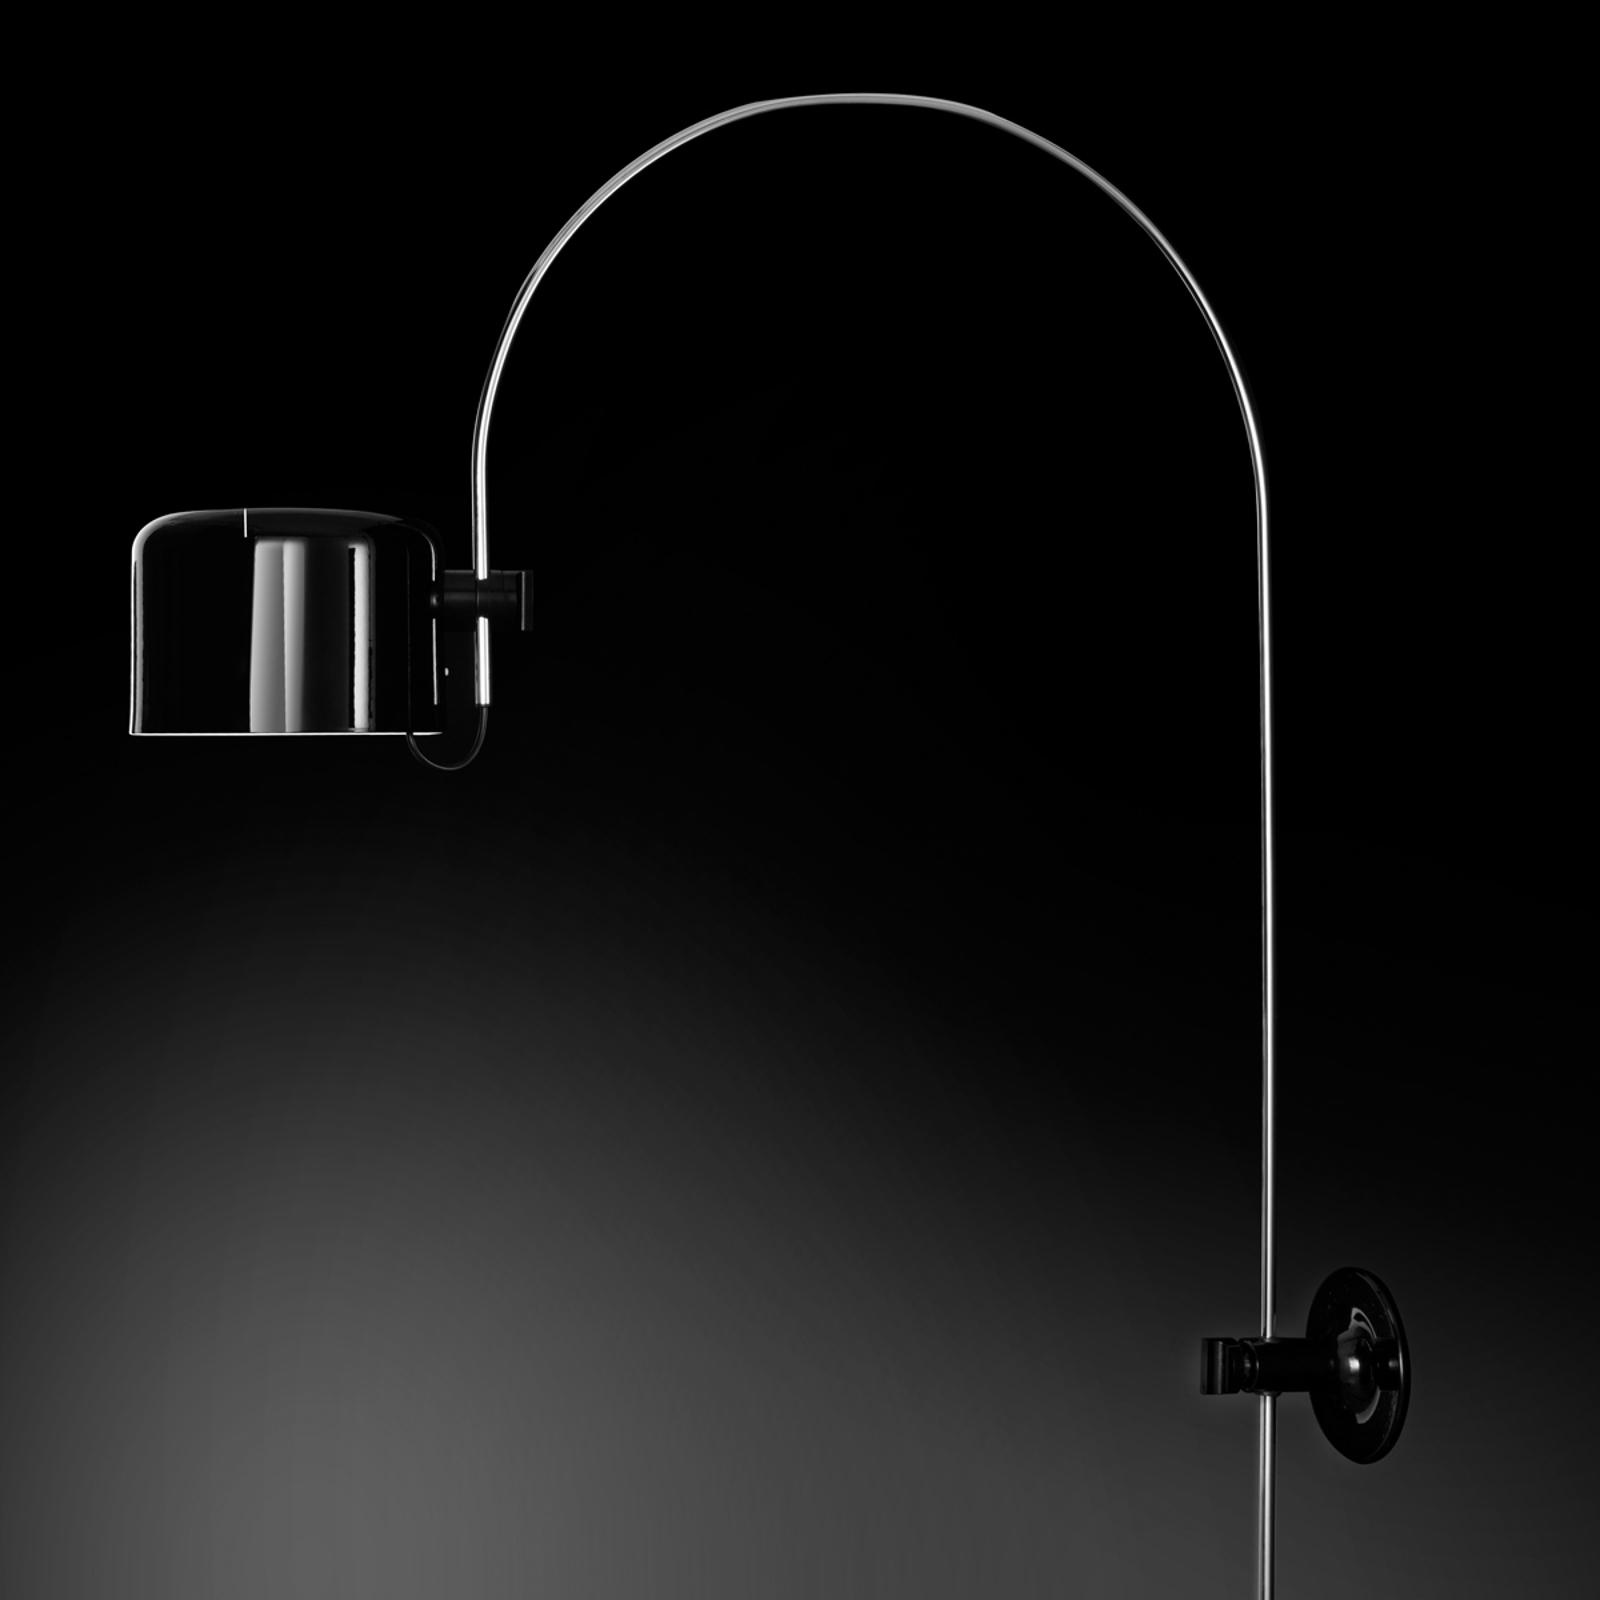 Billede af Oluce Coupé - buet væglampe i sort